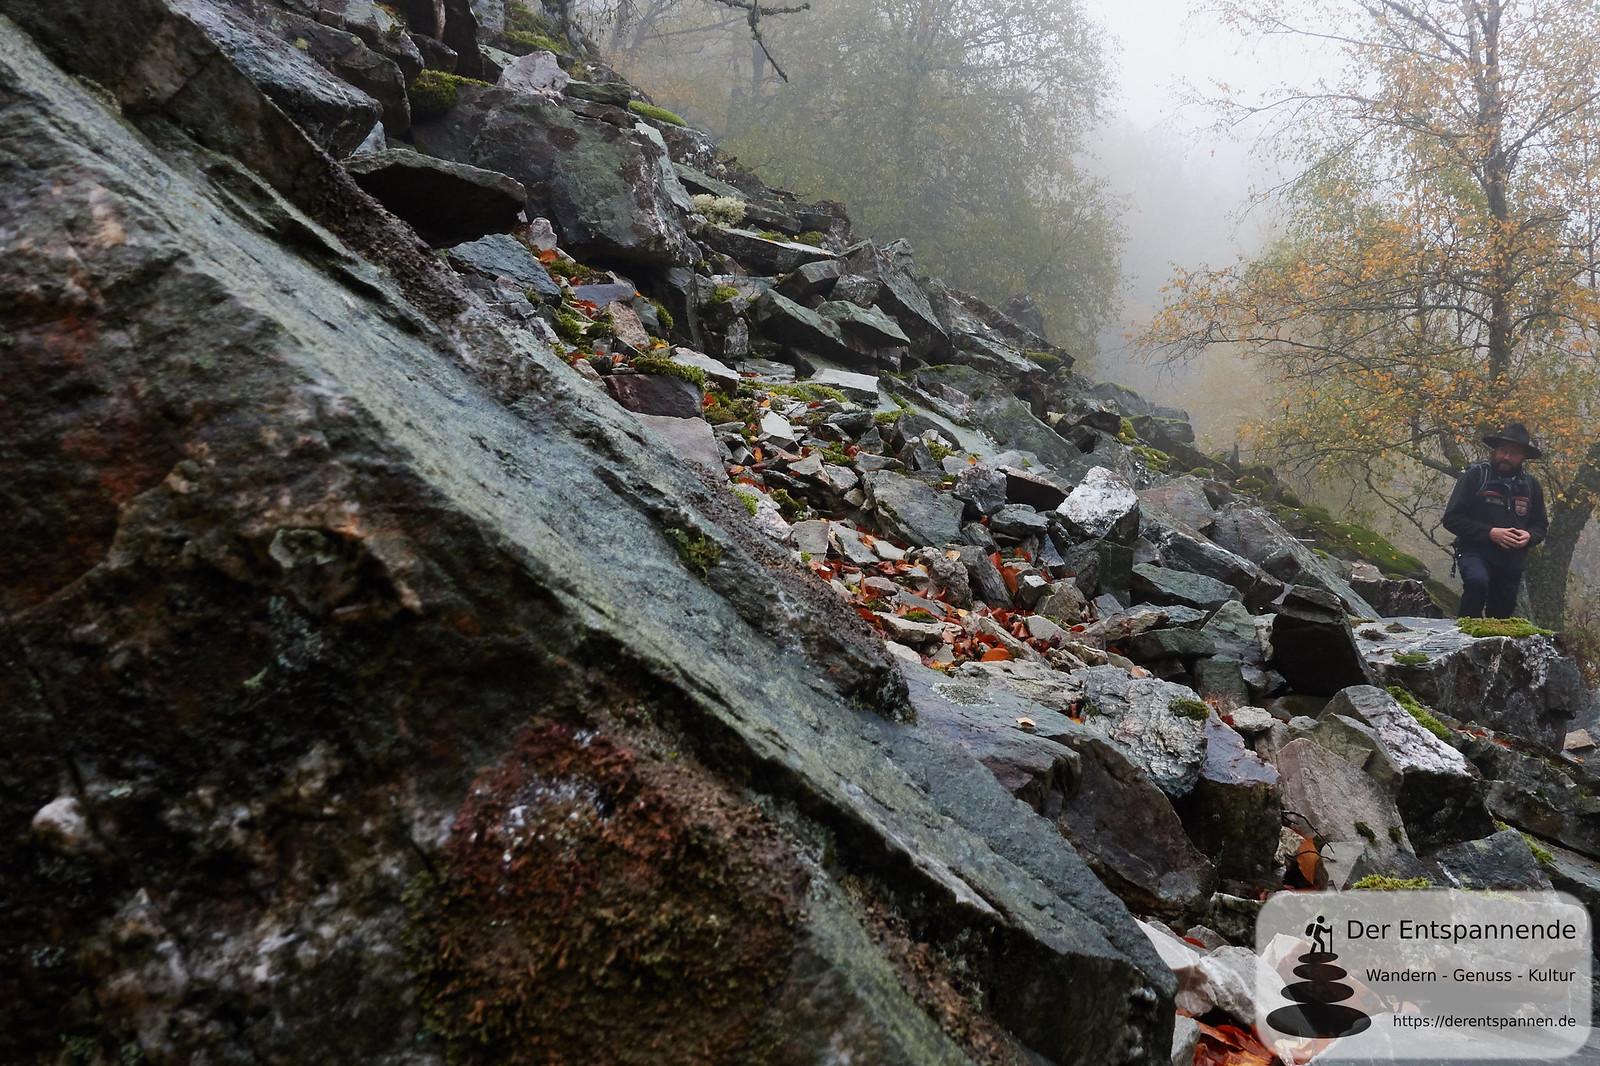 Blocksteinhalde auf dem Saar-Hunsrück-Steig, Etappe 12